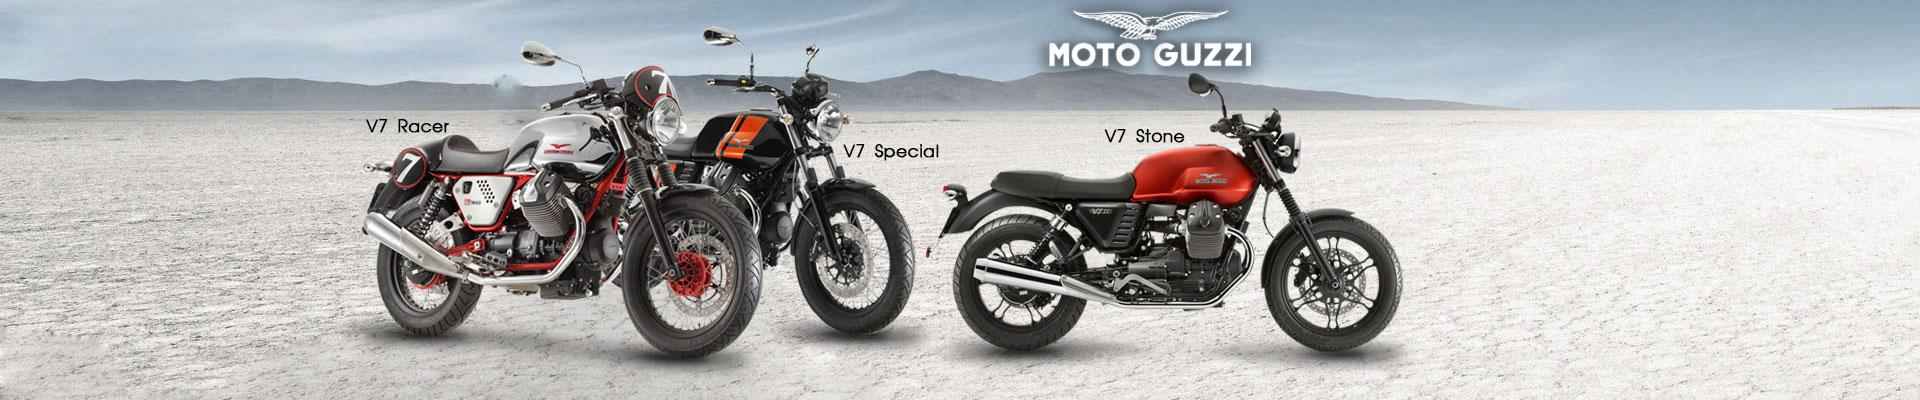 Moto Guzzi New Bikes